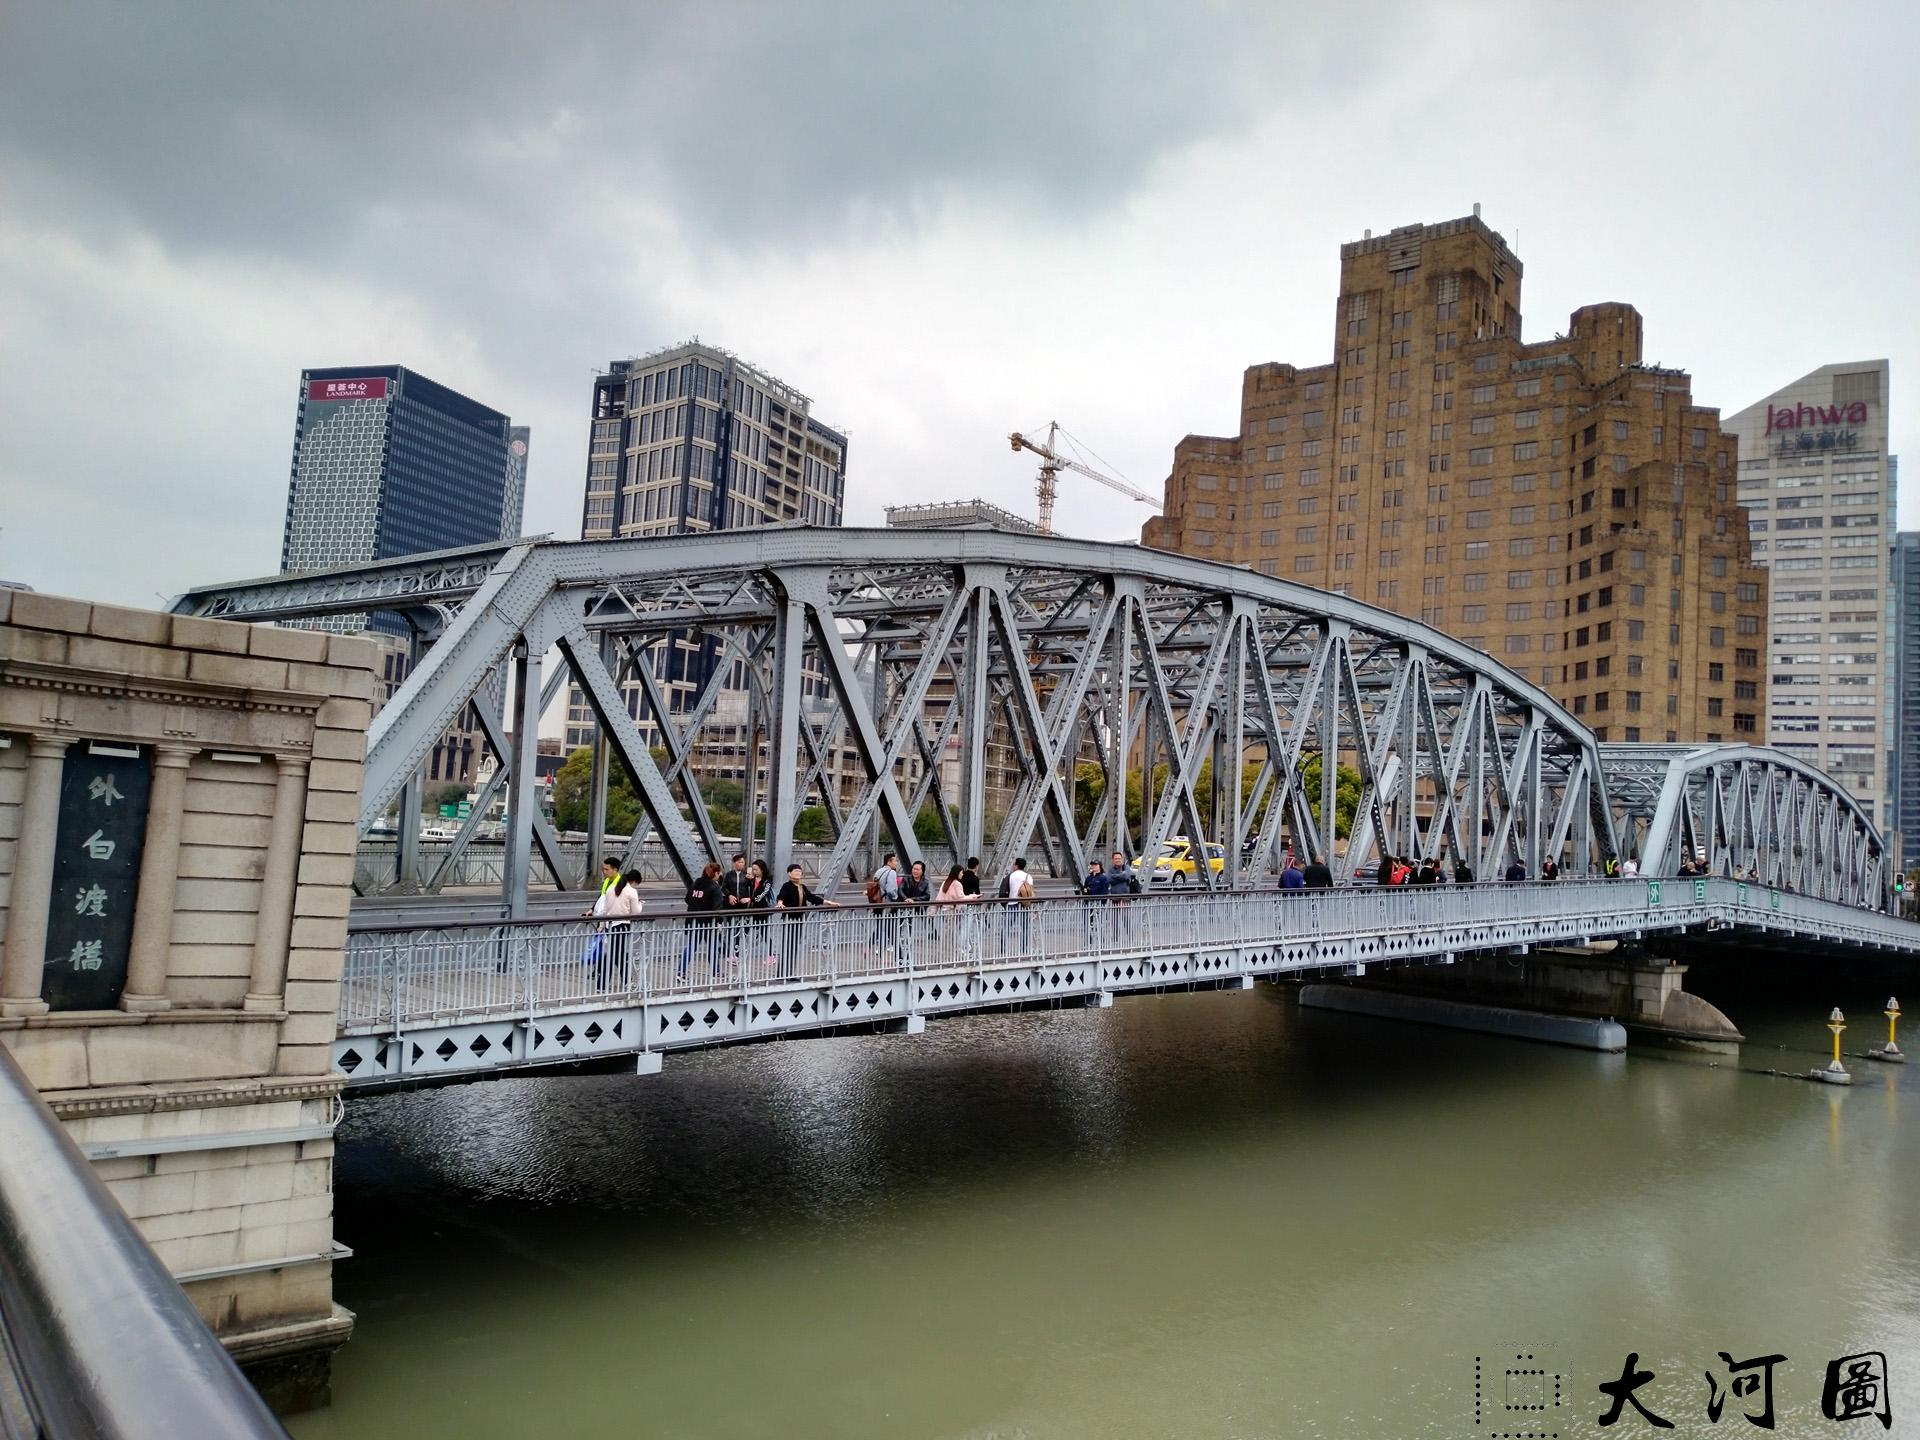 上海外白渡桥英文名称花园桥Garden Bridge of Shanghai 沧桑走过 摄影 第5张